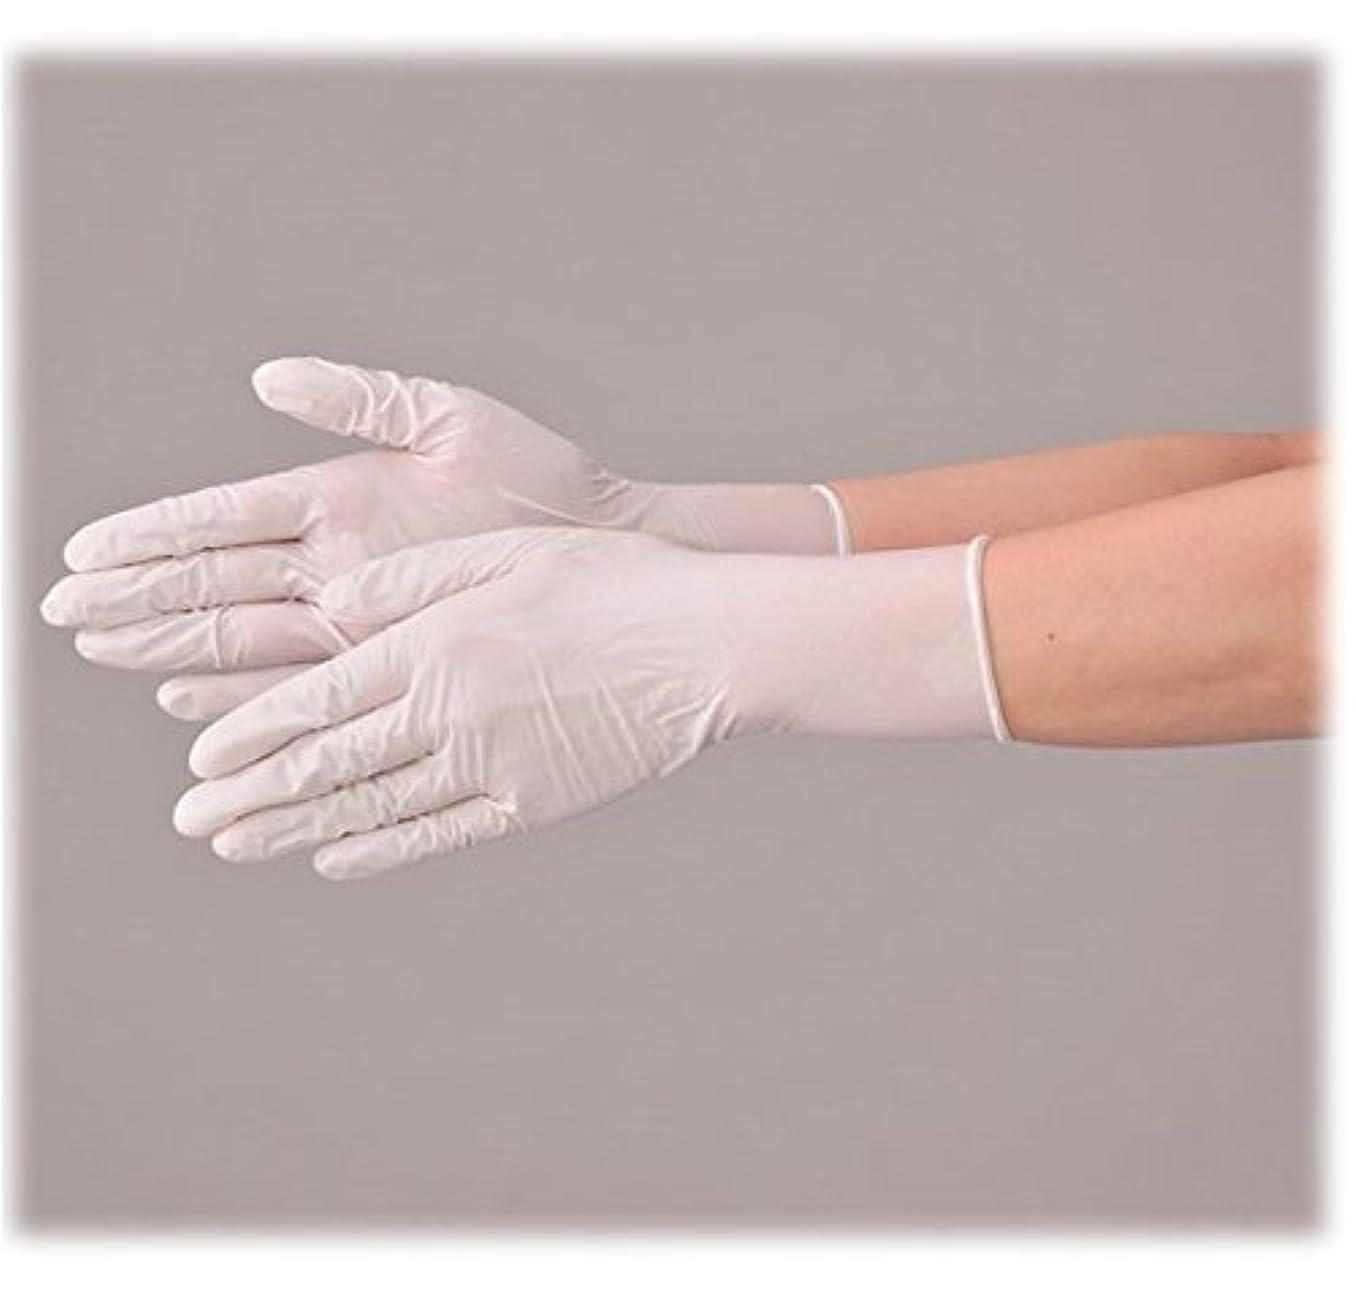 ワイプかび臭い絶望使い捨て 手袋 エブノ 513 ニトリル極薄手袋 ホワイト Mサイズ 2ケース(100枚×40箱)